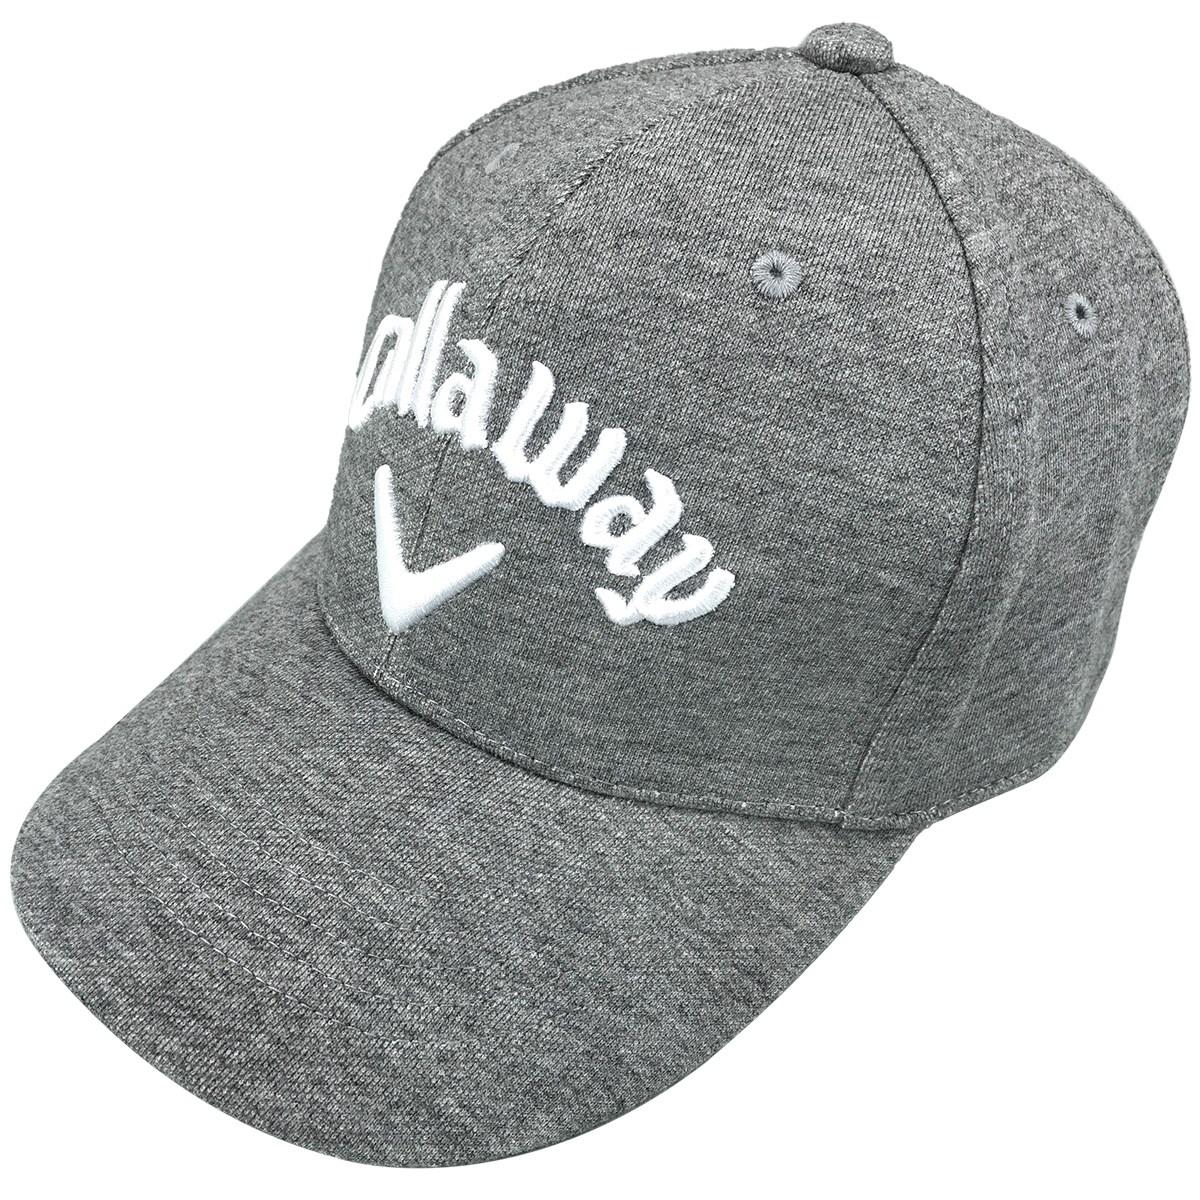 キャロウェイゴルフ Callaway Golf スウェットキャップ JM フリー グレー 020 レディス